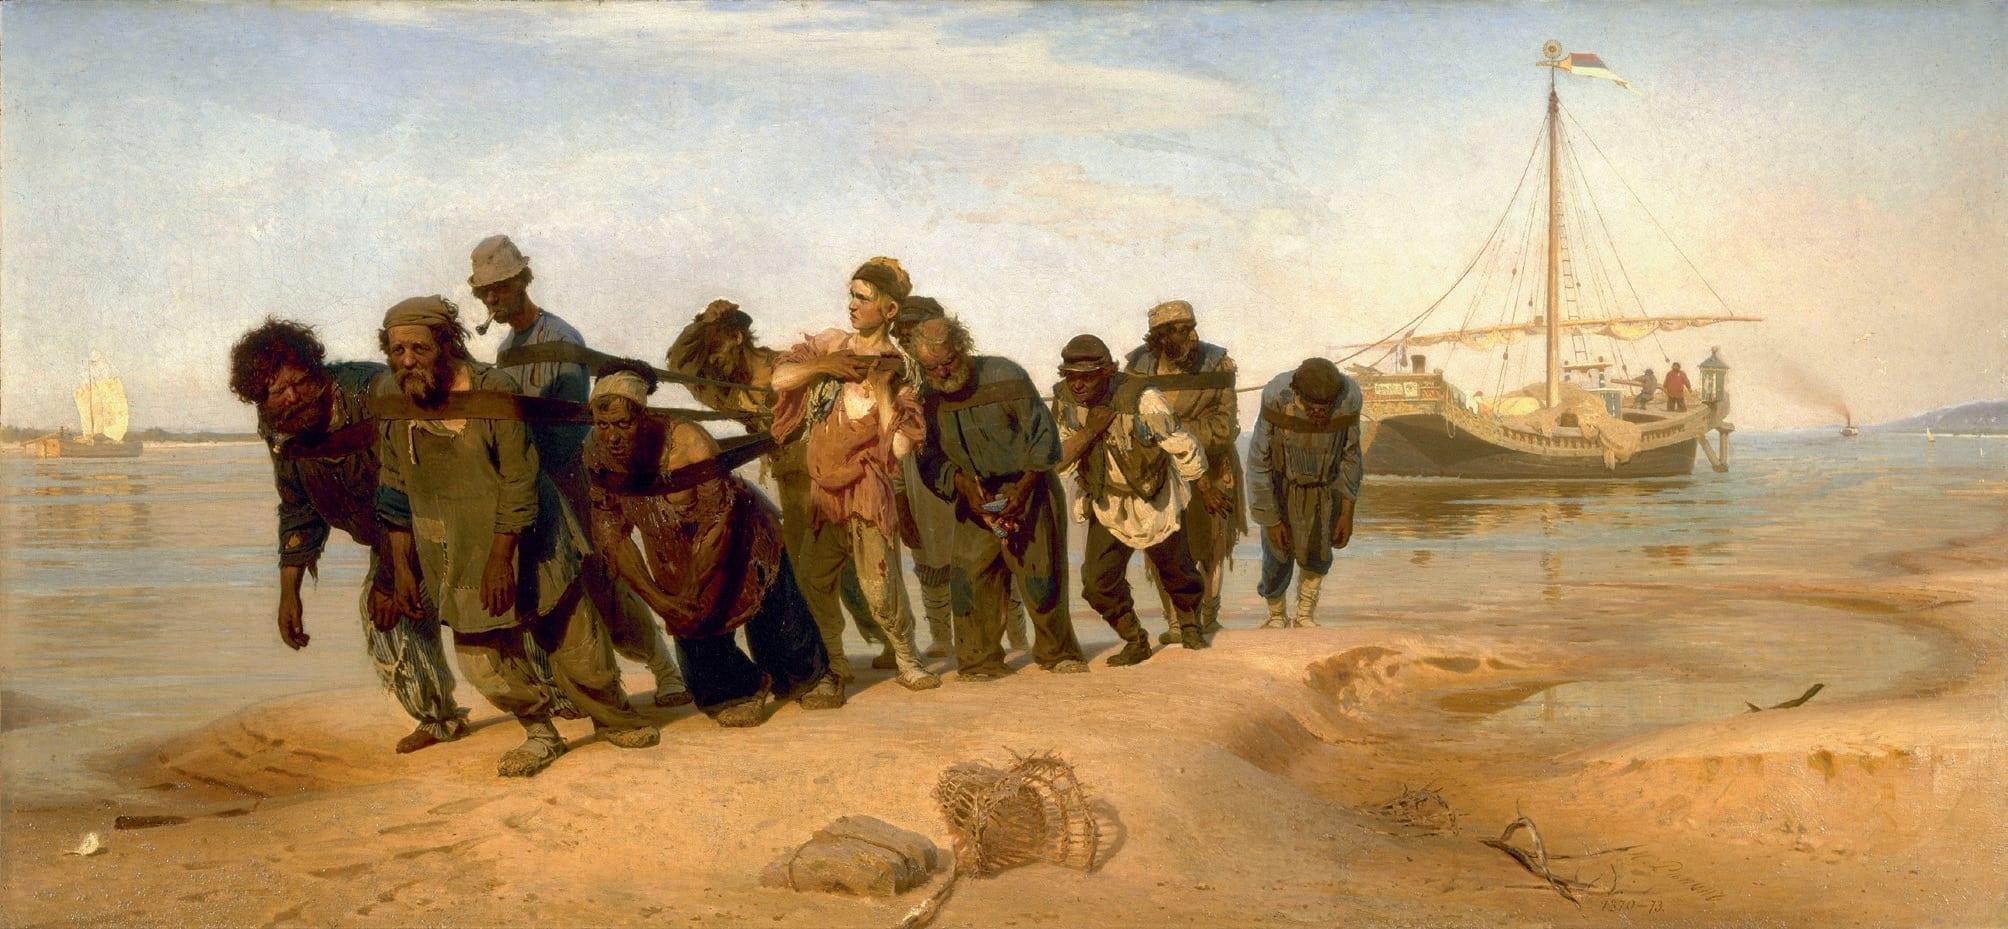 Ilia Efimovich Repin, Burlaks on the Volga, 1872–1873